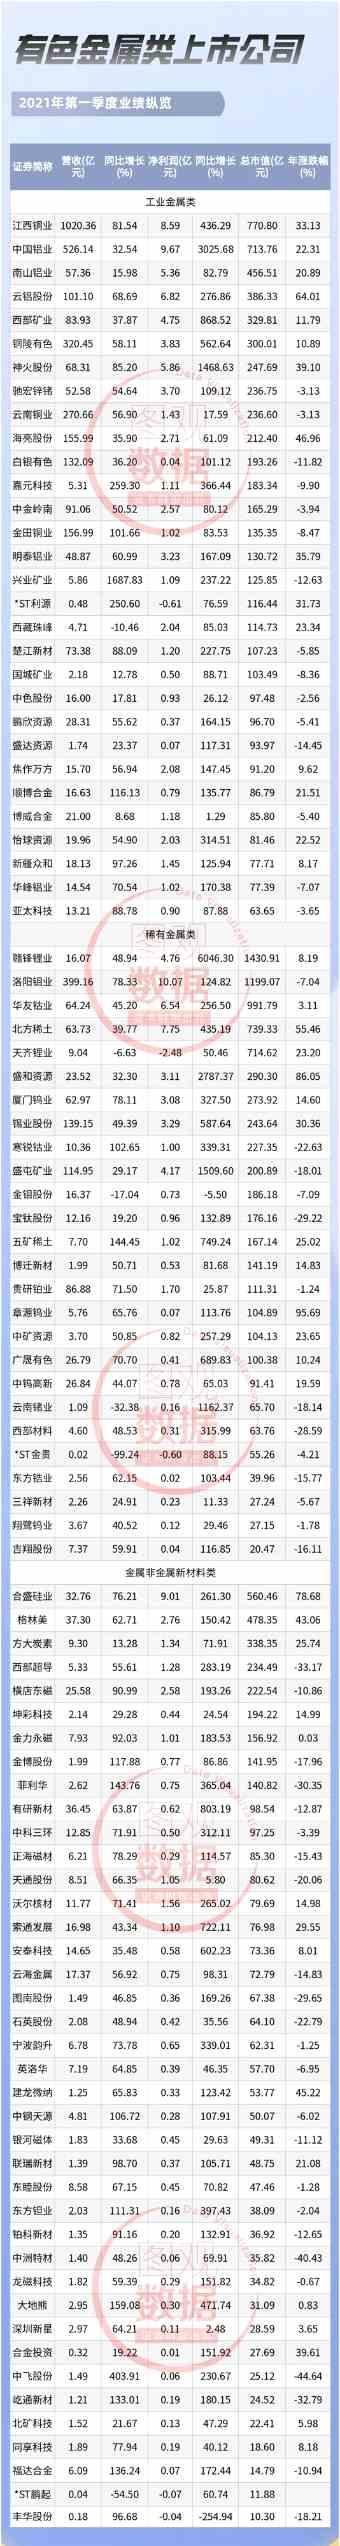 十大热门行业逐个看【有色金属篇】:顺周期推动 9成以上公司实现盈利